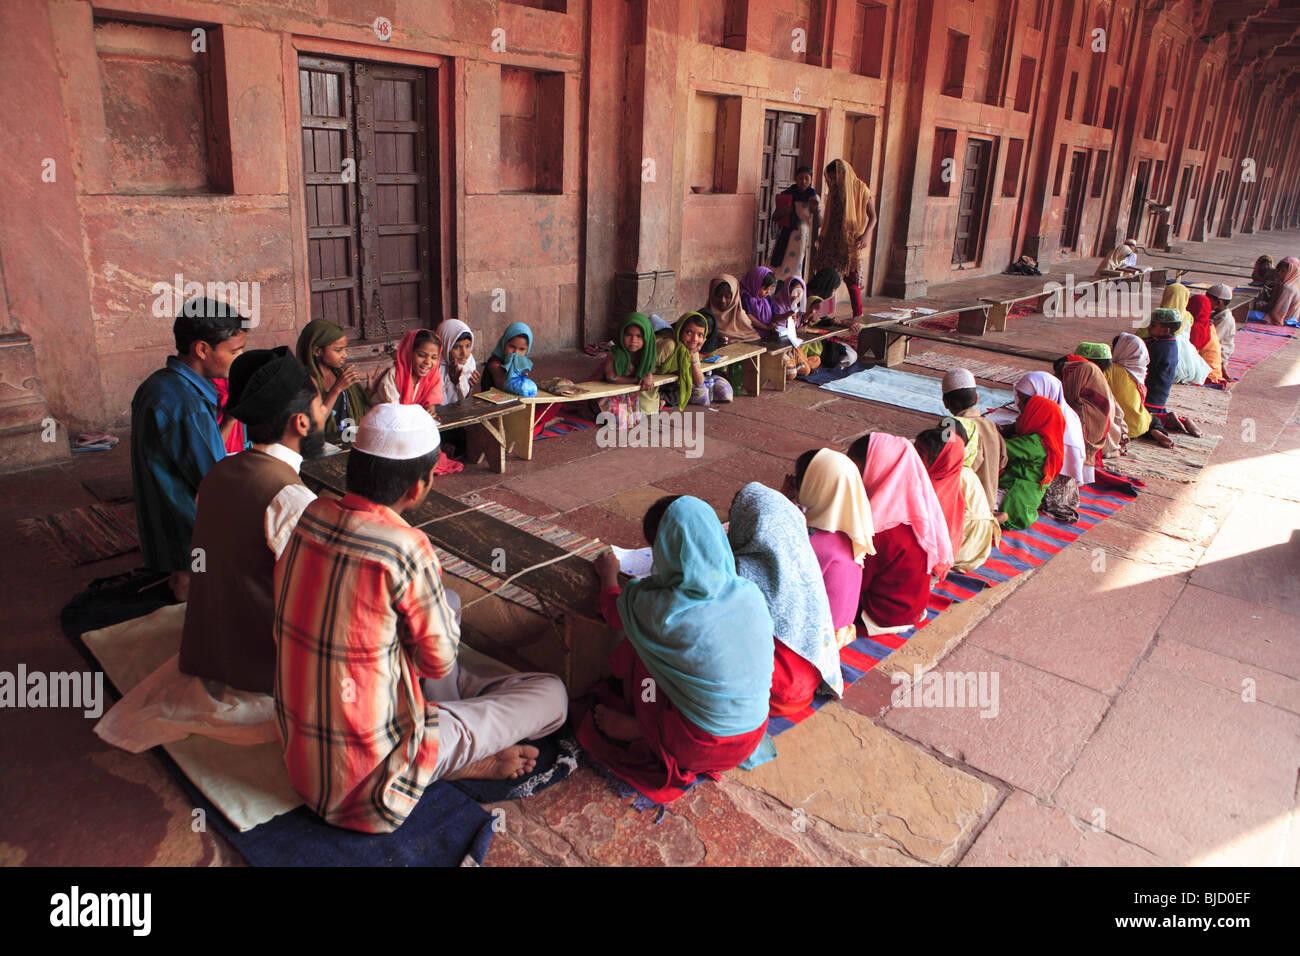 In Urdu Stock Photos & In Urdu Stock Images - Alamy